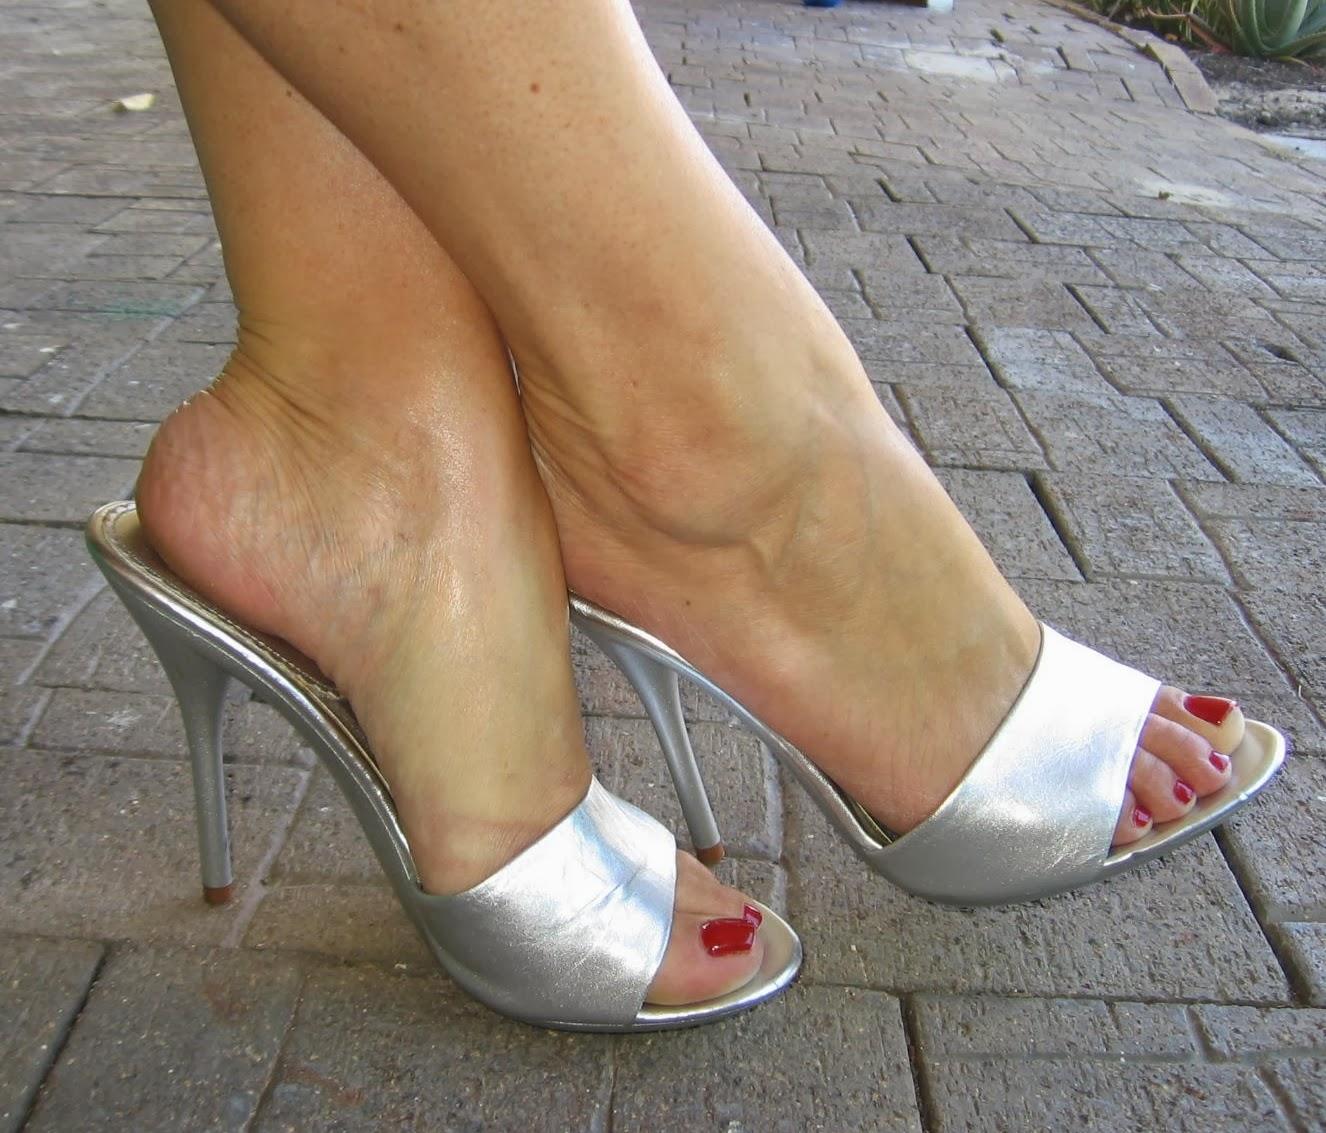 Deliciosos pies con medias de nylons y zapatillas - 3 10